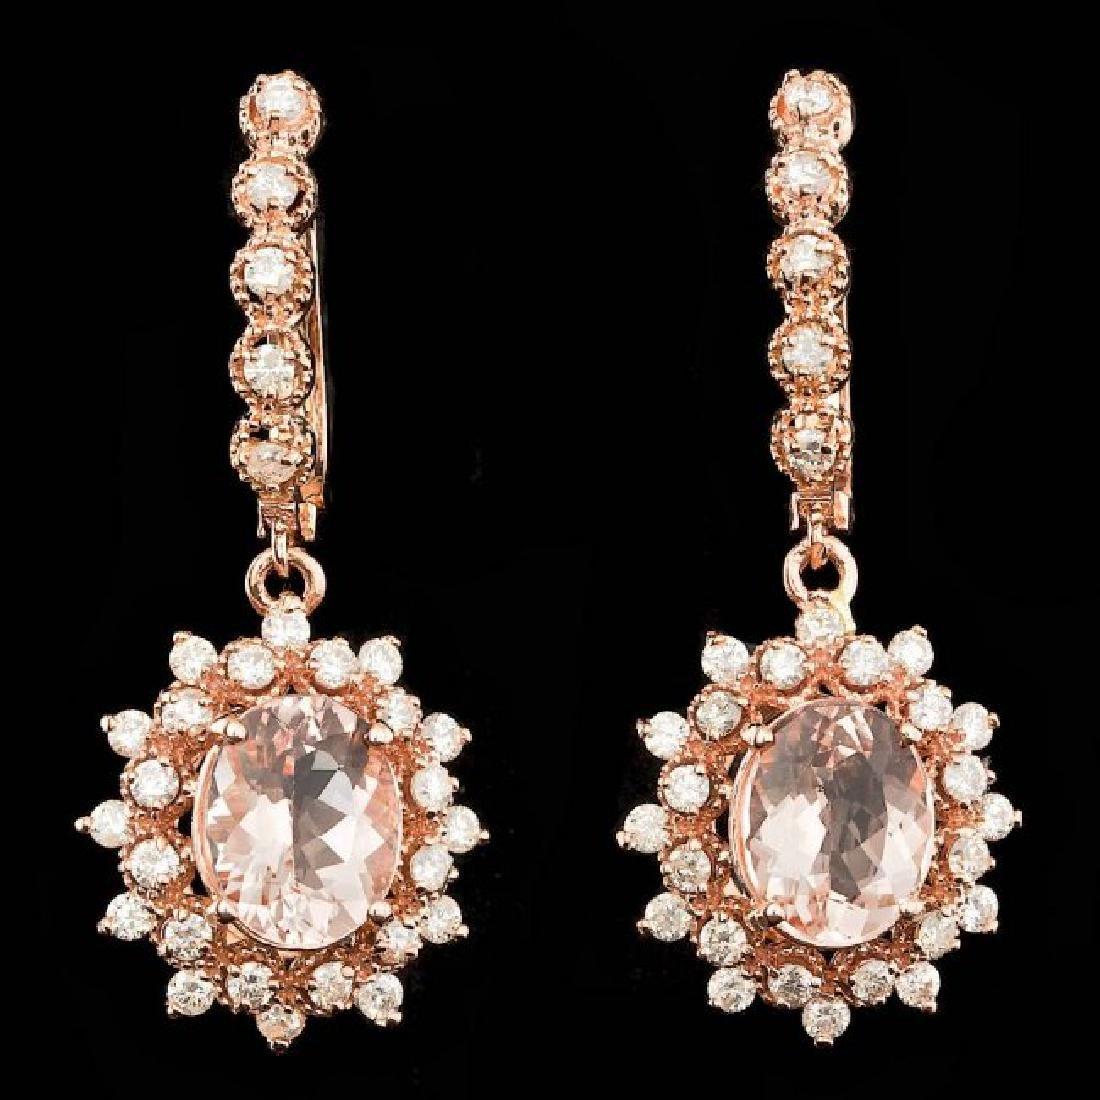 14k Rose 4.00ct Morganite 1.60ct Diamond Earrings